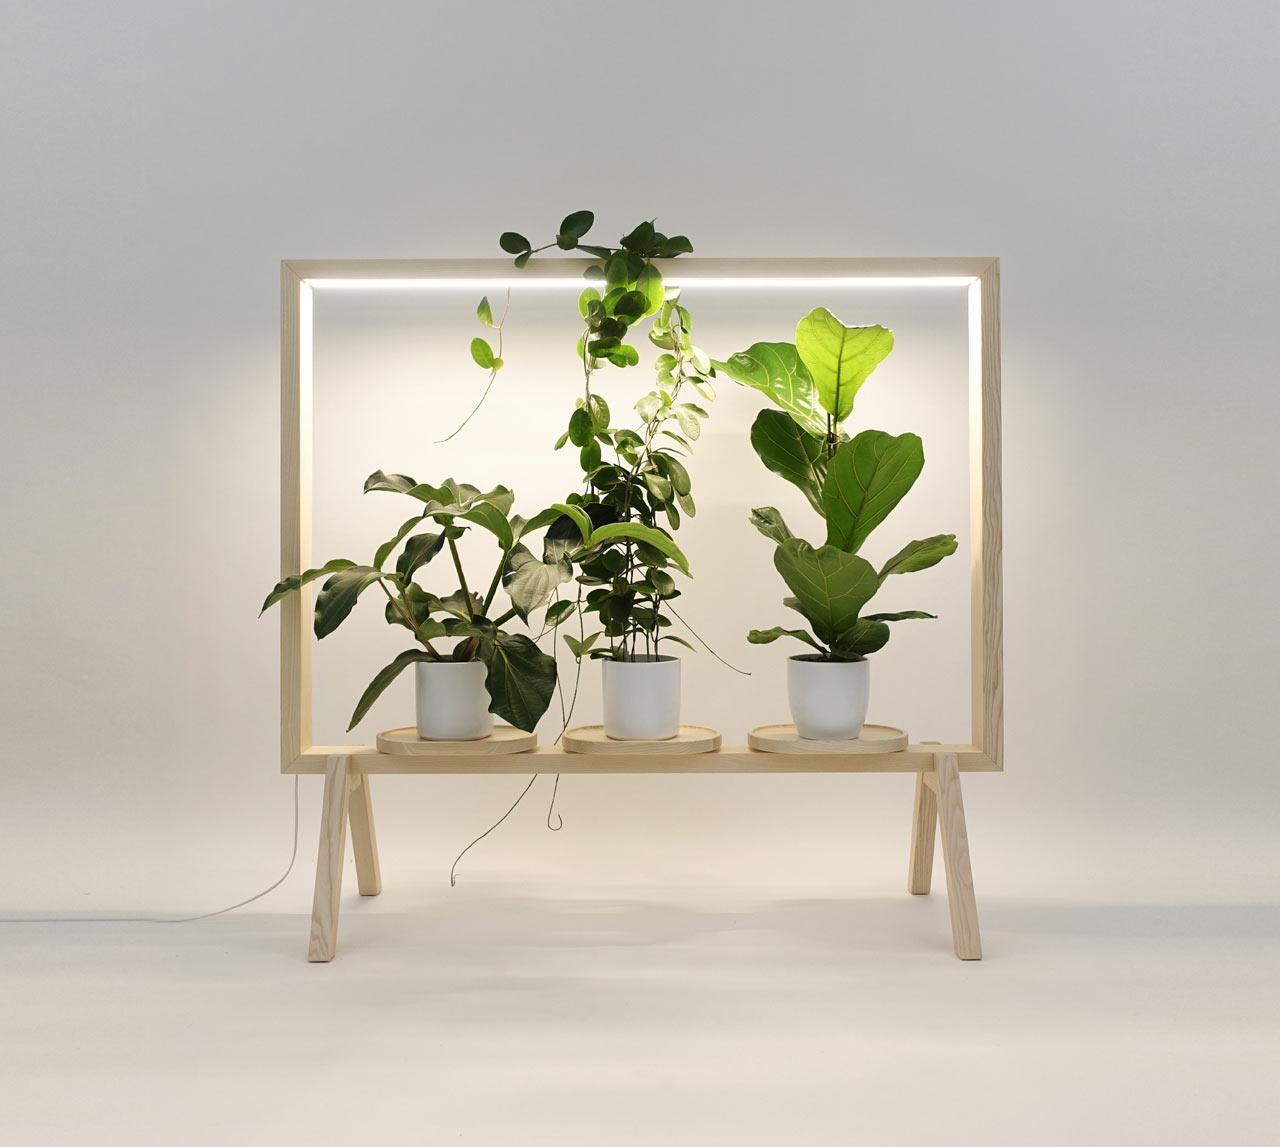 GreenFrame Adds a Window of Greenery Anywhere